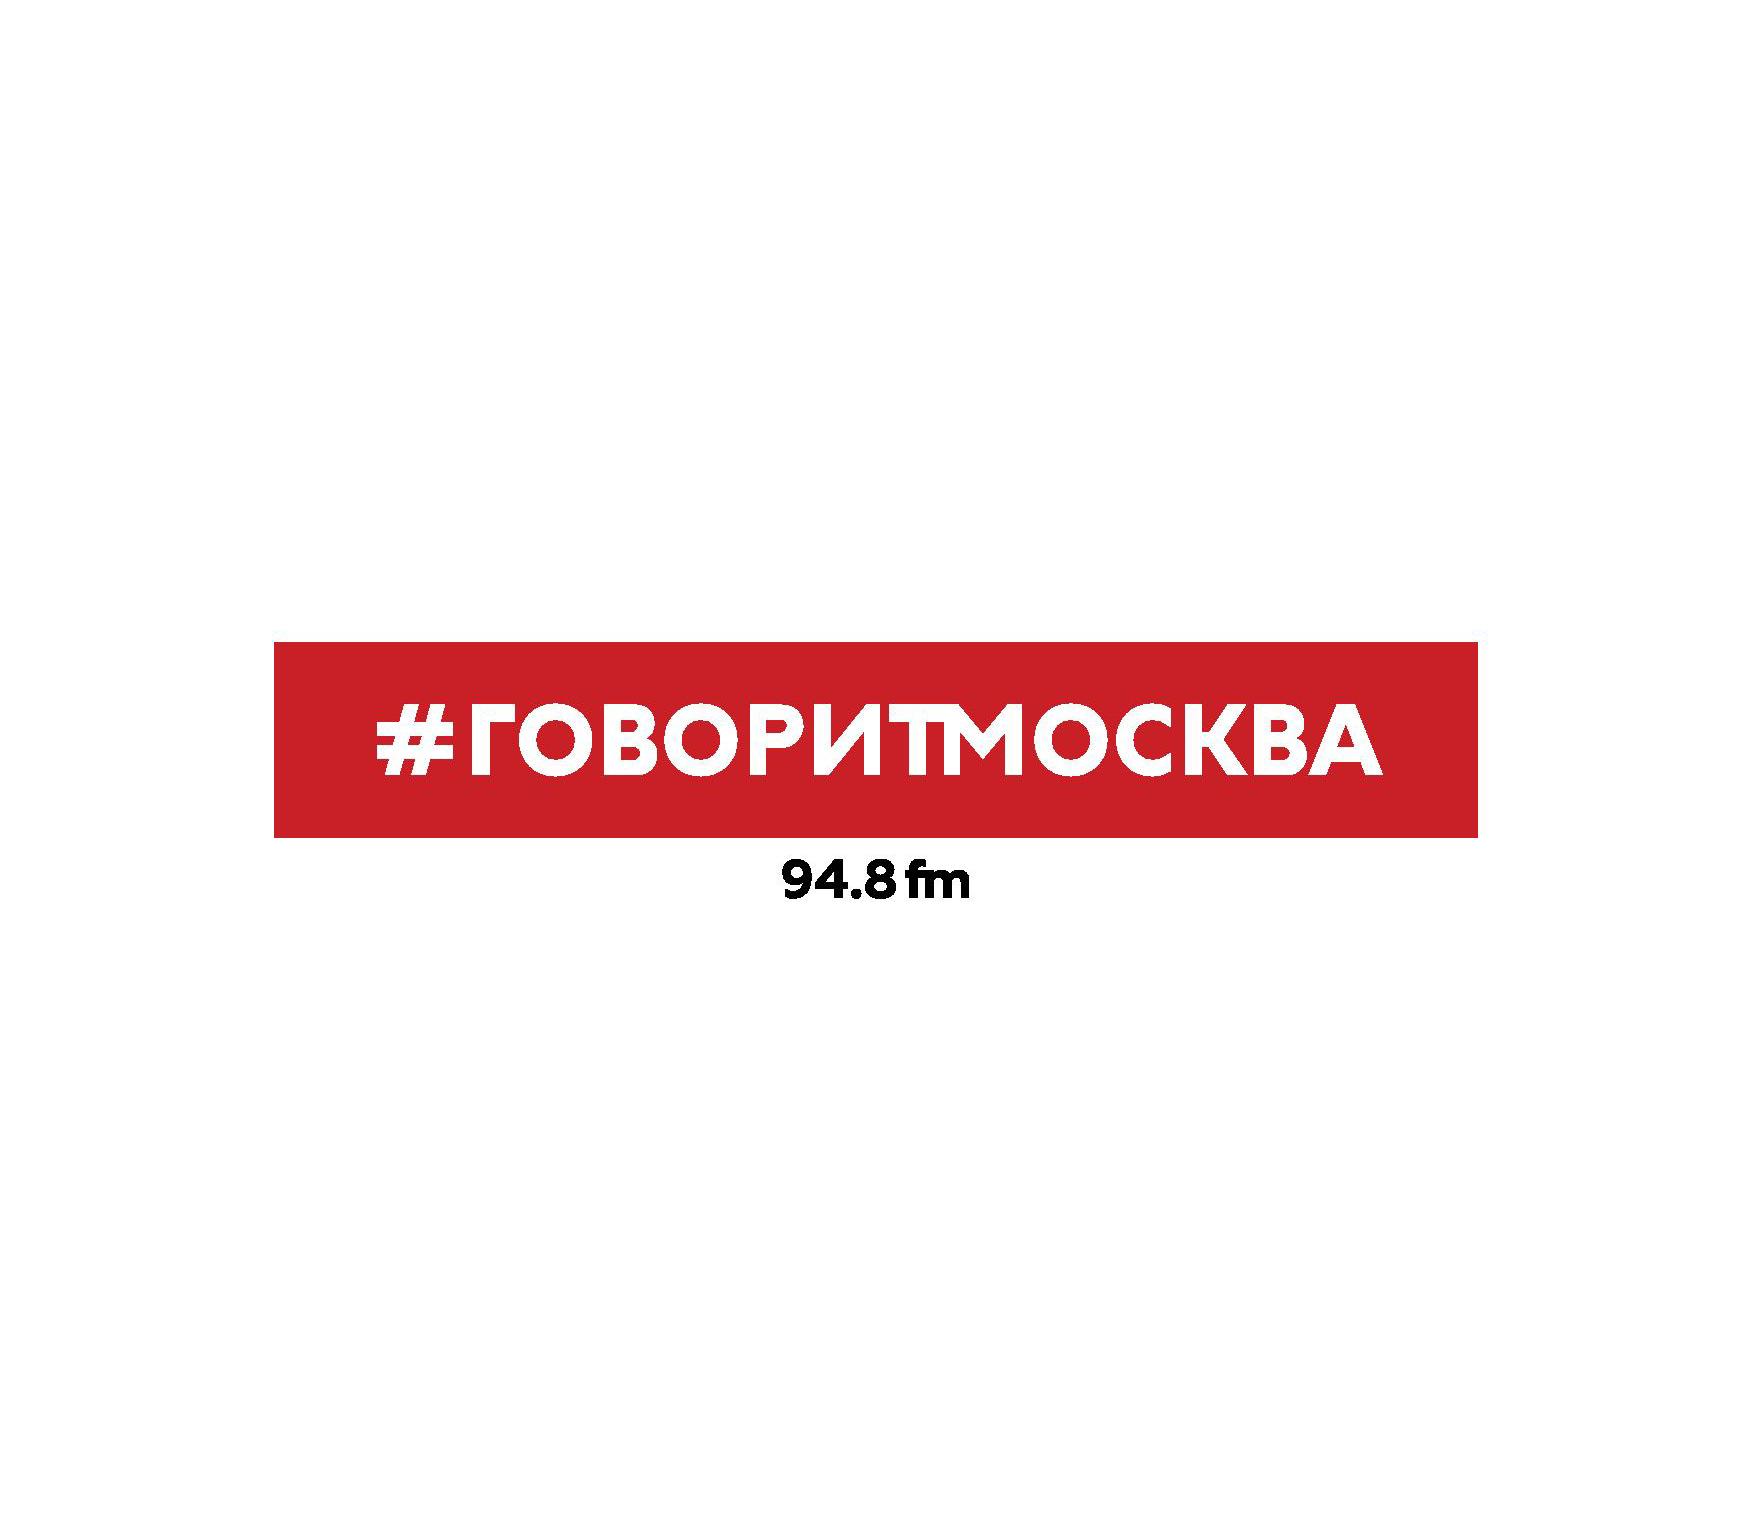 Макс Челноков 21 апреля. Михаил Веллер михаил веллер редактор жалуется